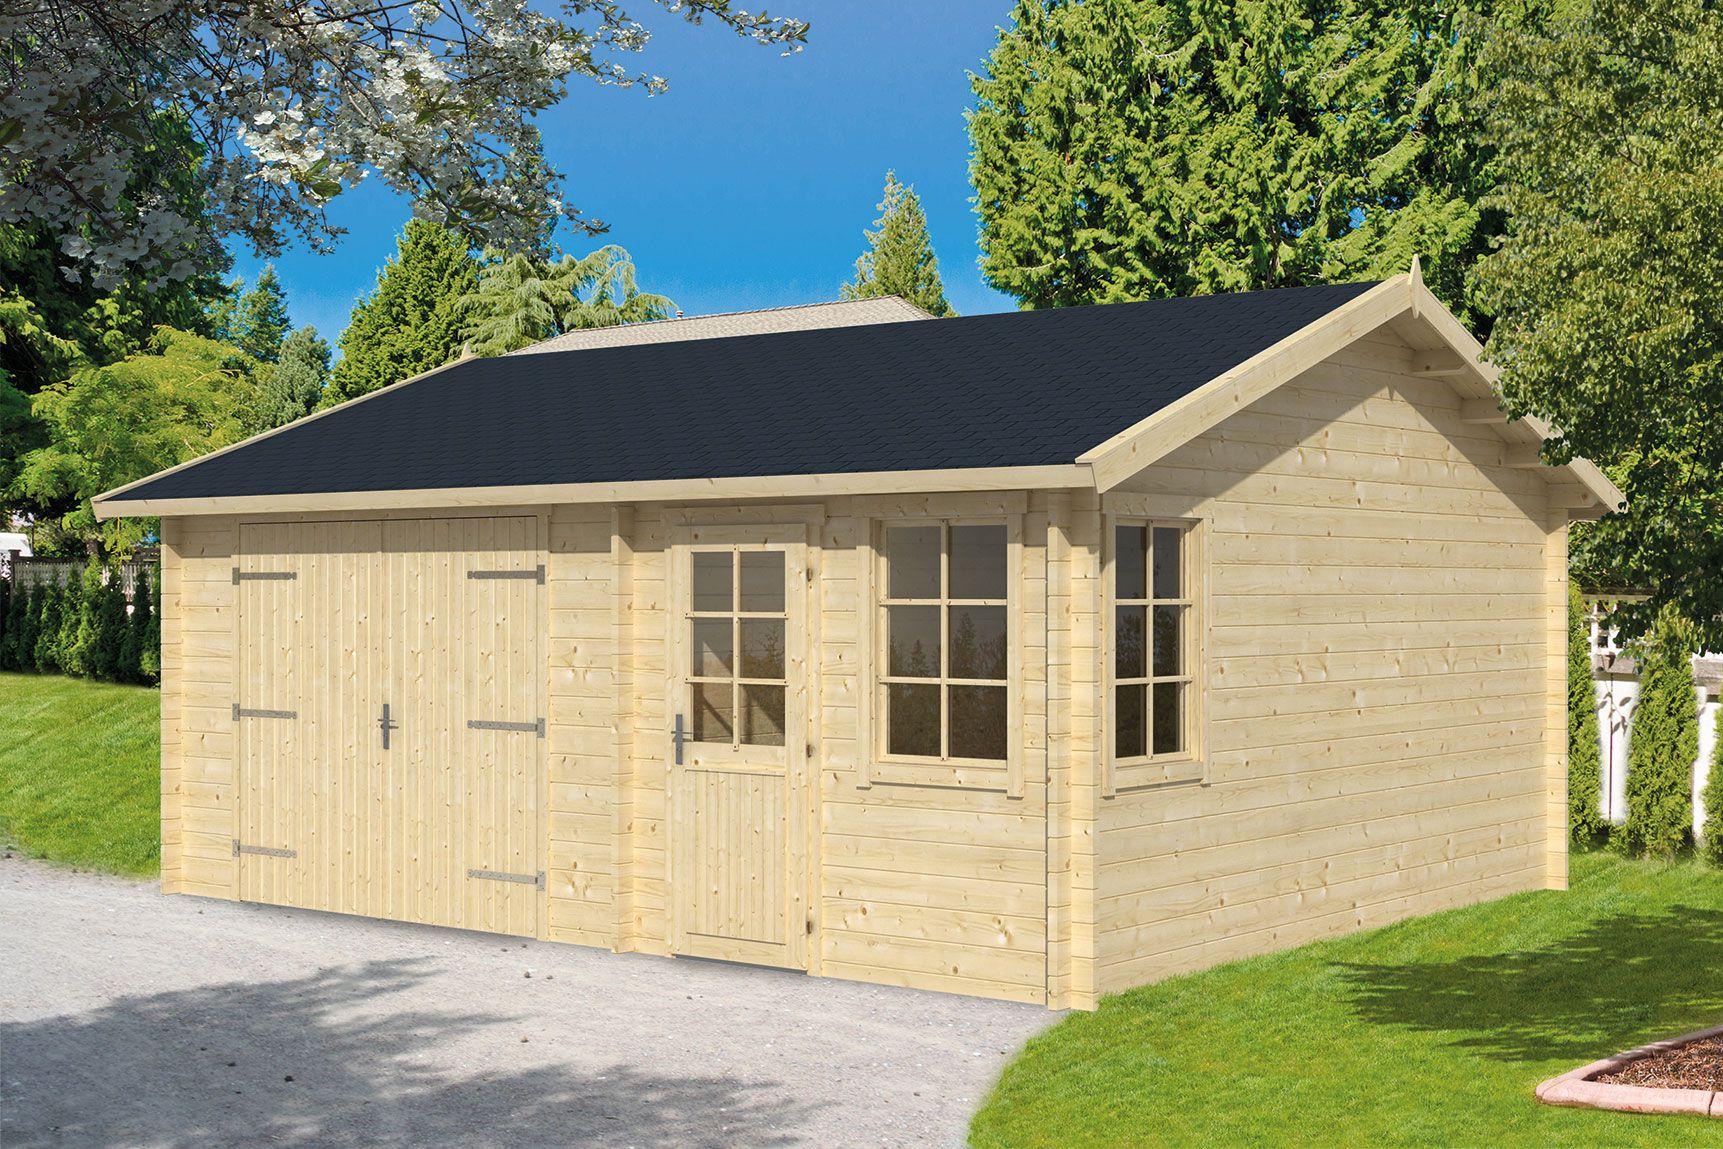 Houten Garage Prijs : Houten garage moa cm schuur van hout